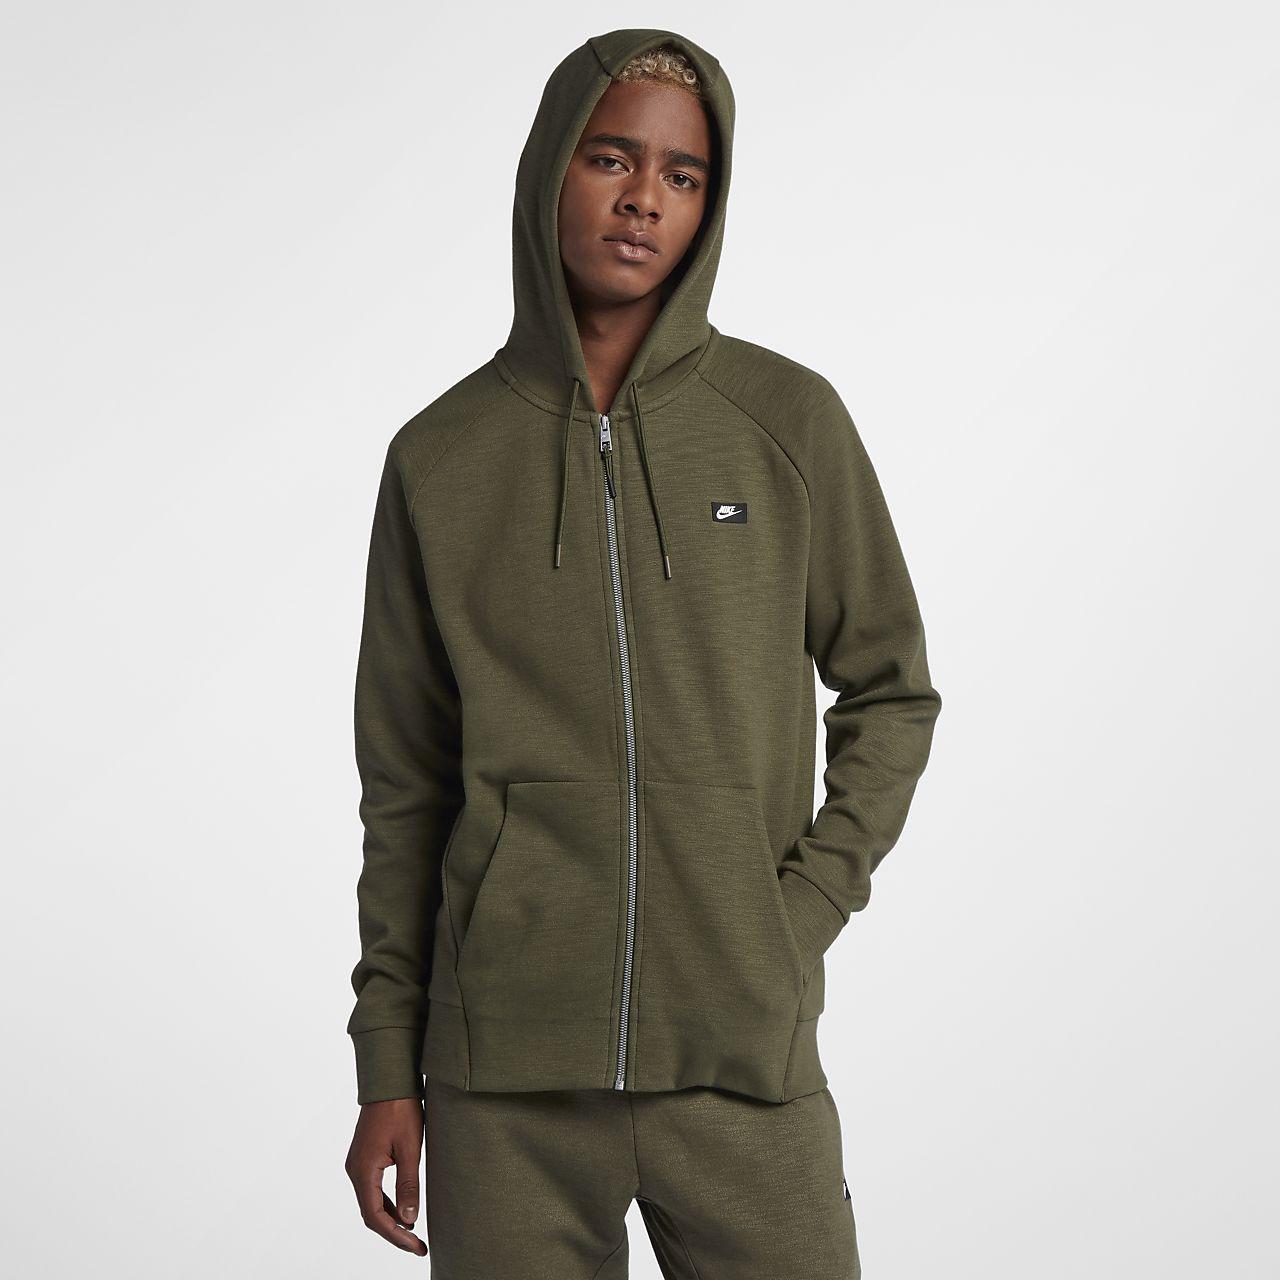 À Zippé Capuche Optic Homme Entièrement Pour Nike Sweat Sportswear tqdxvO